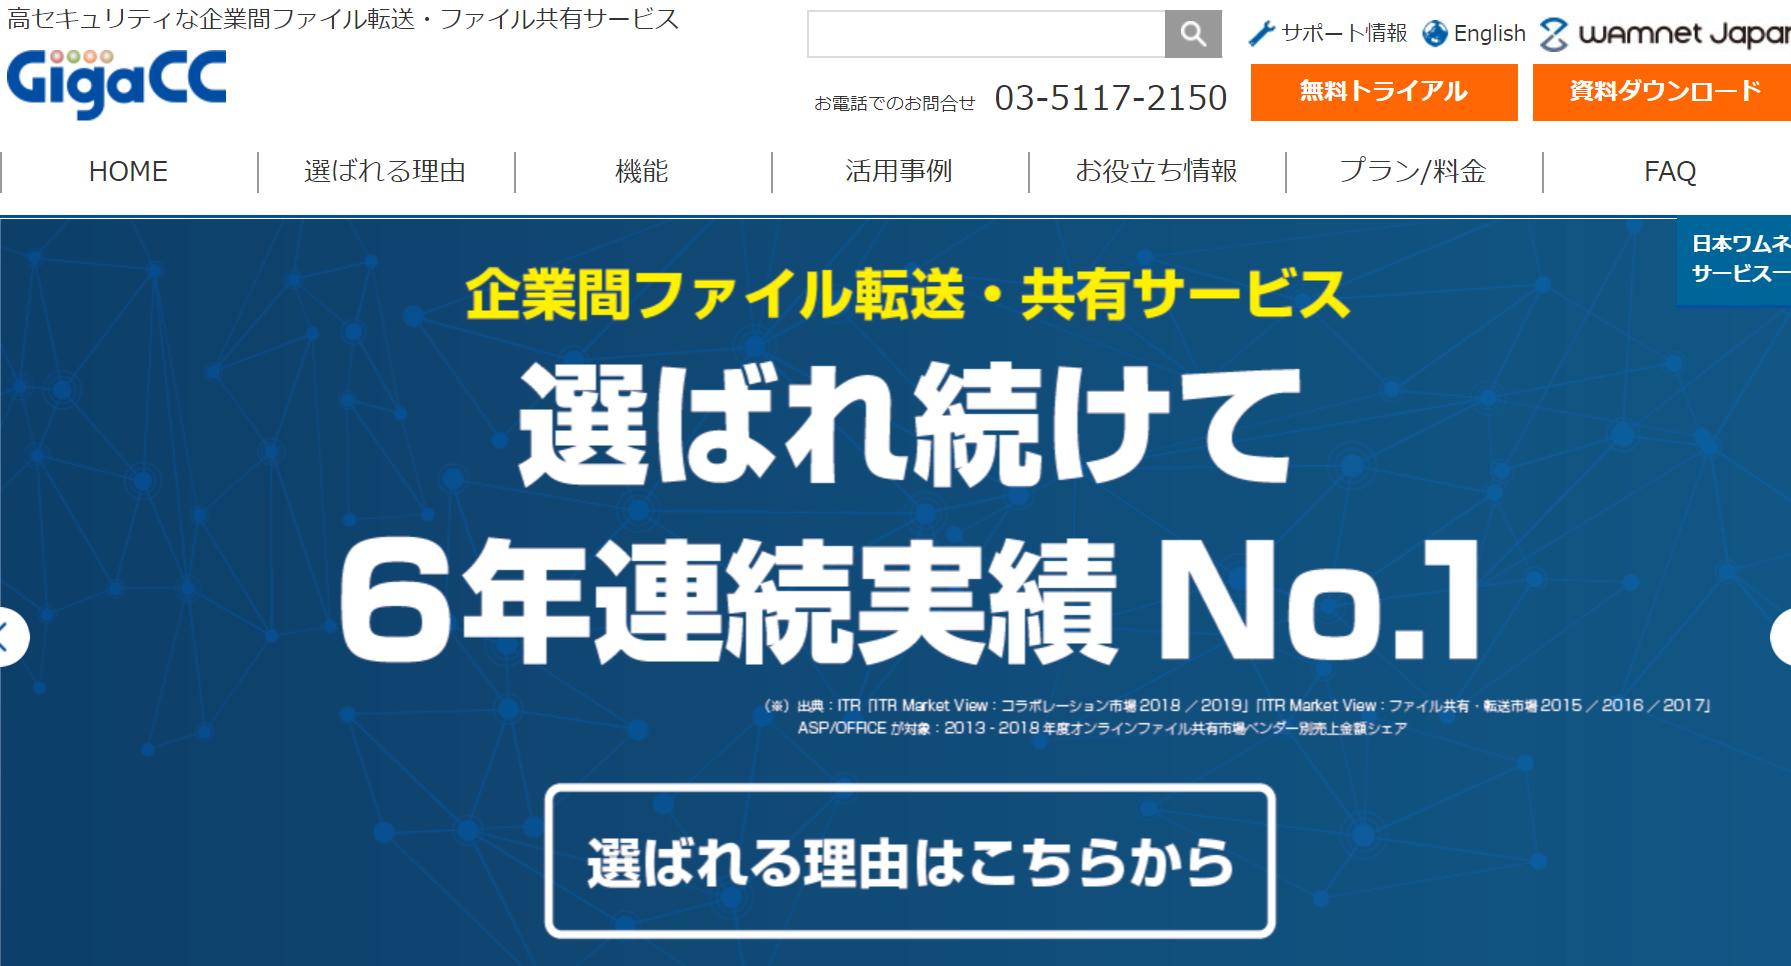 GigaCC_公式サイト